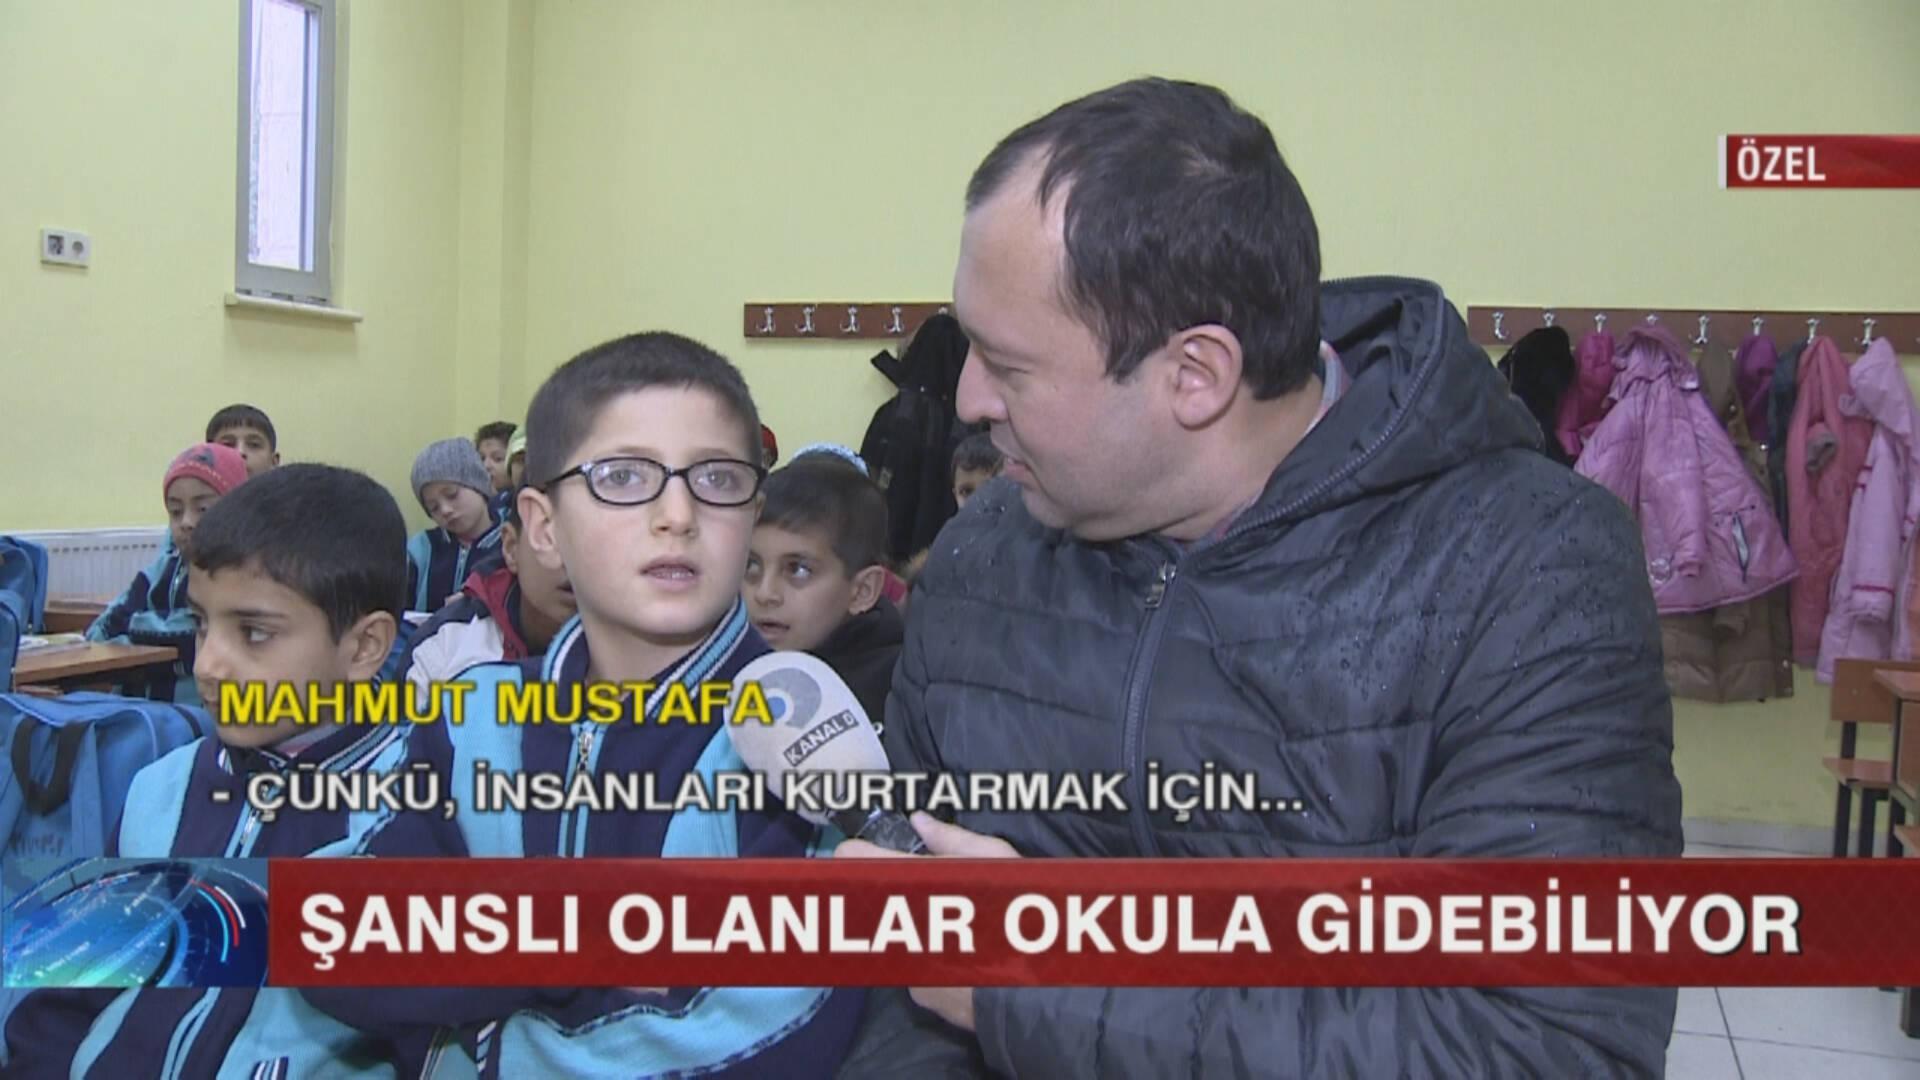 Türkiye'nin zorunlu misafirleri Suriye'liler - 2 !